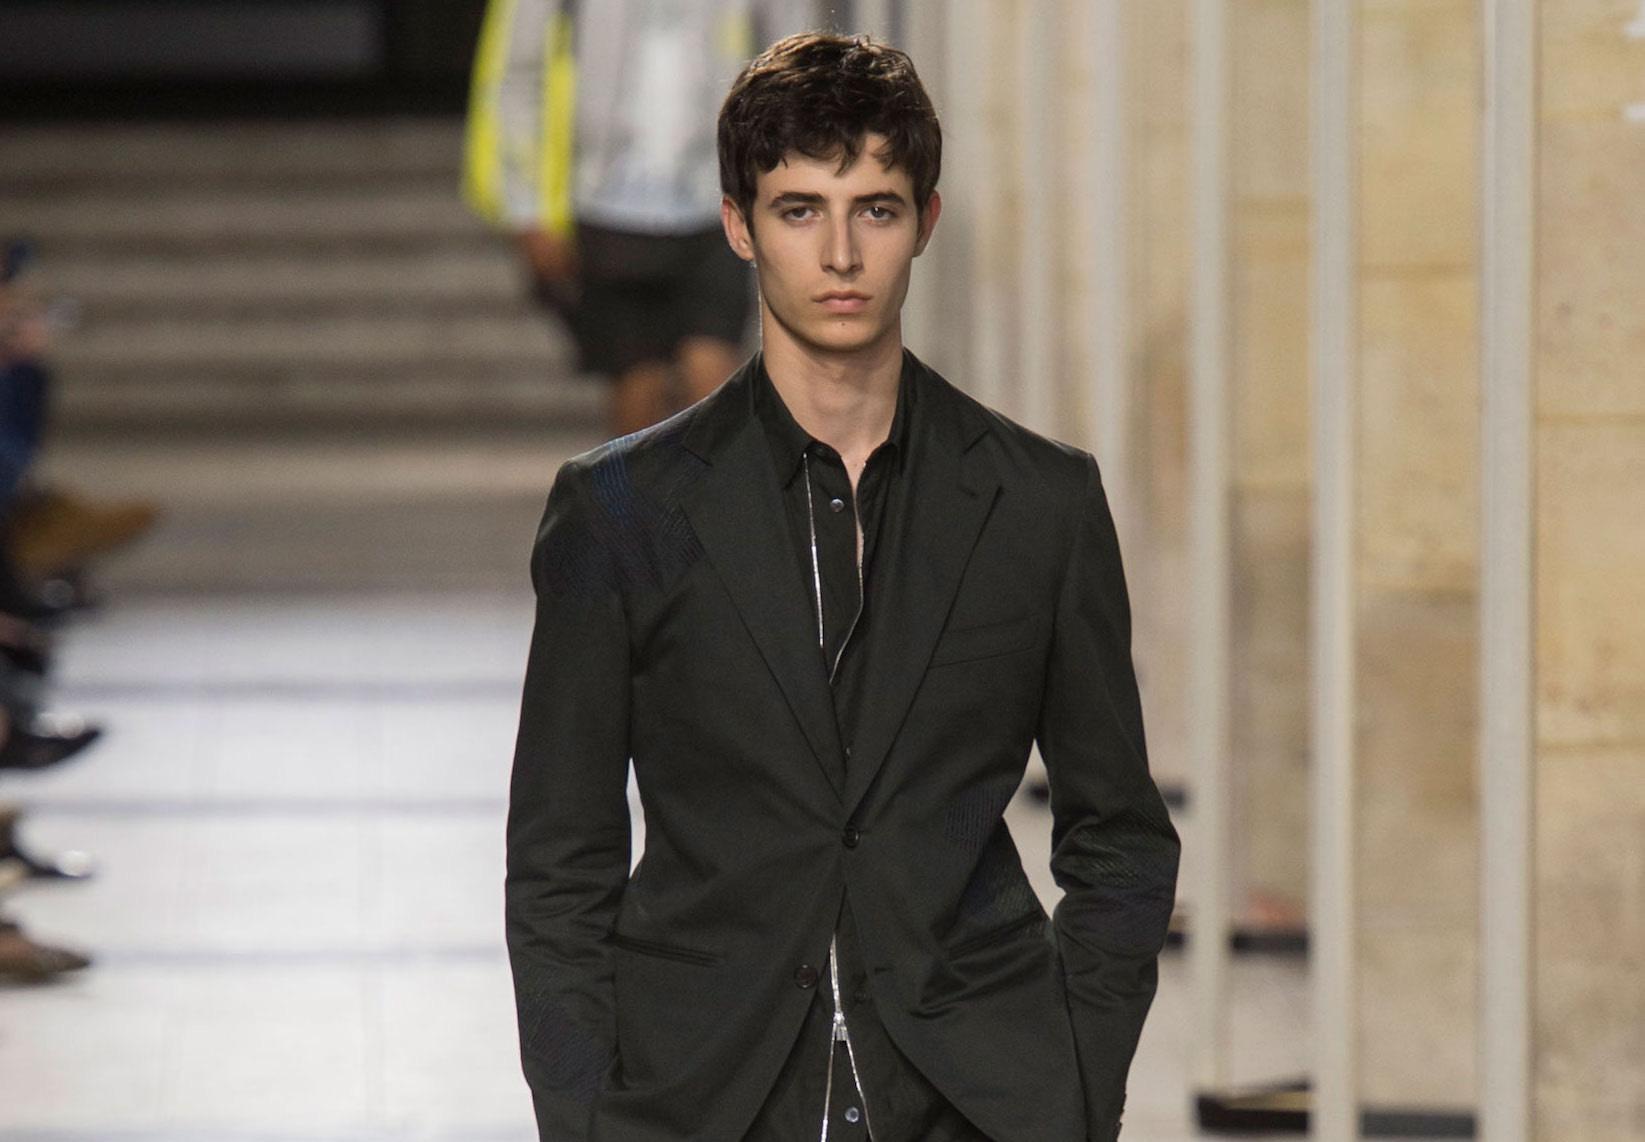 Moda Matrimonio Uomo : Hermes uomo primavera estate per veri uomini di stile